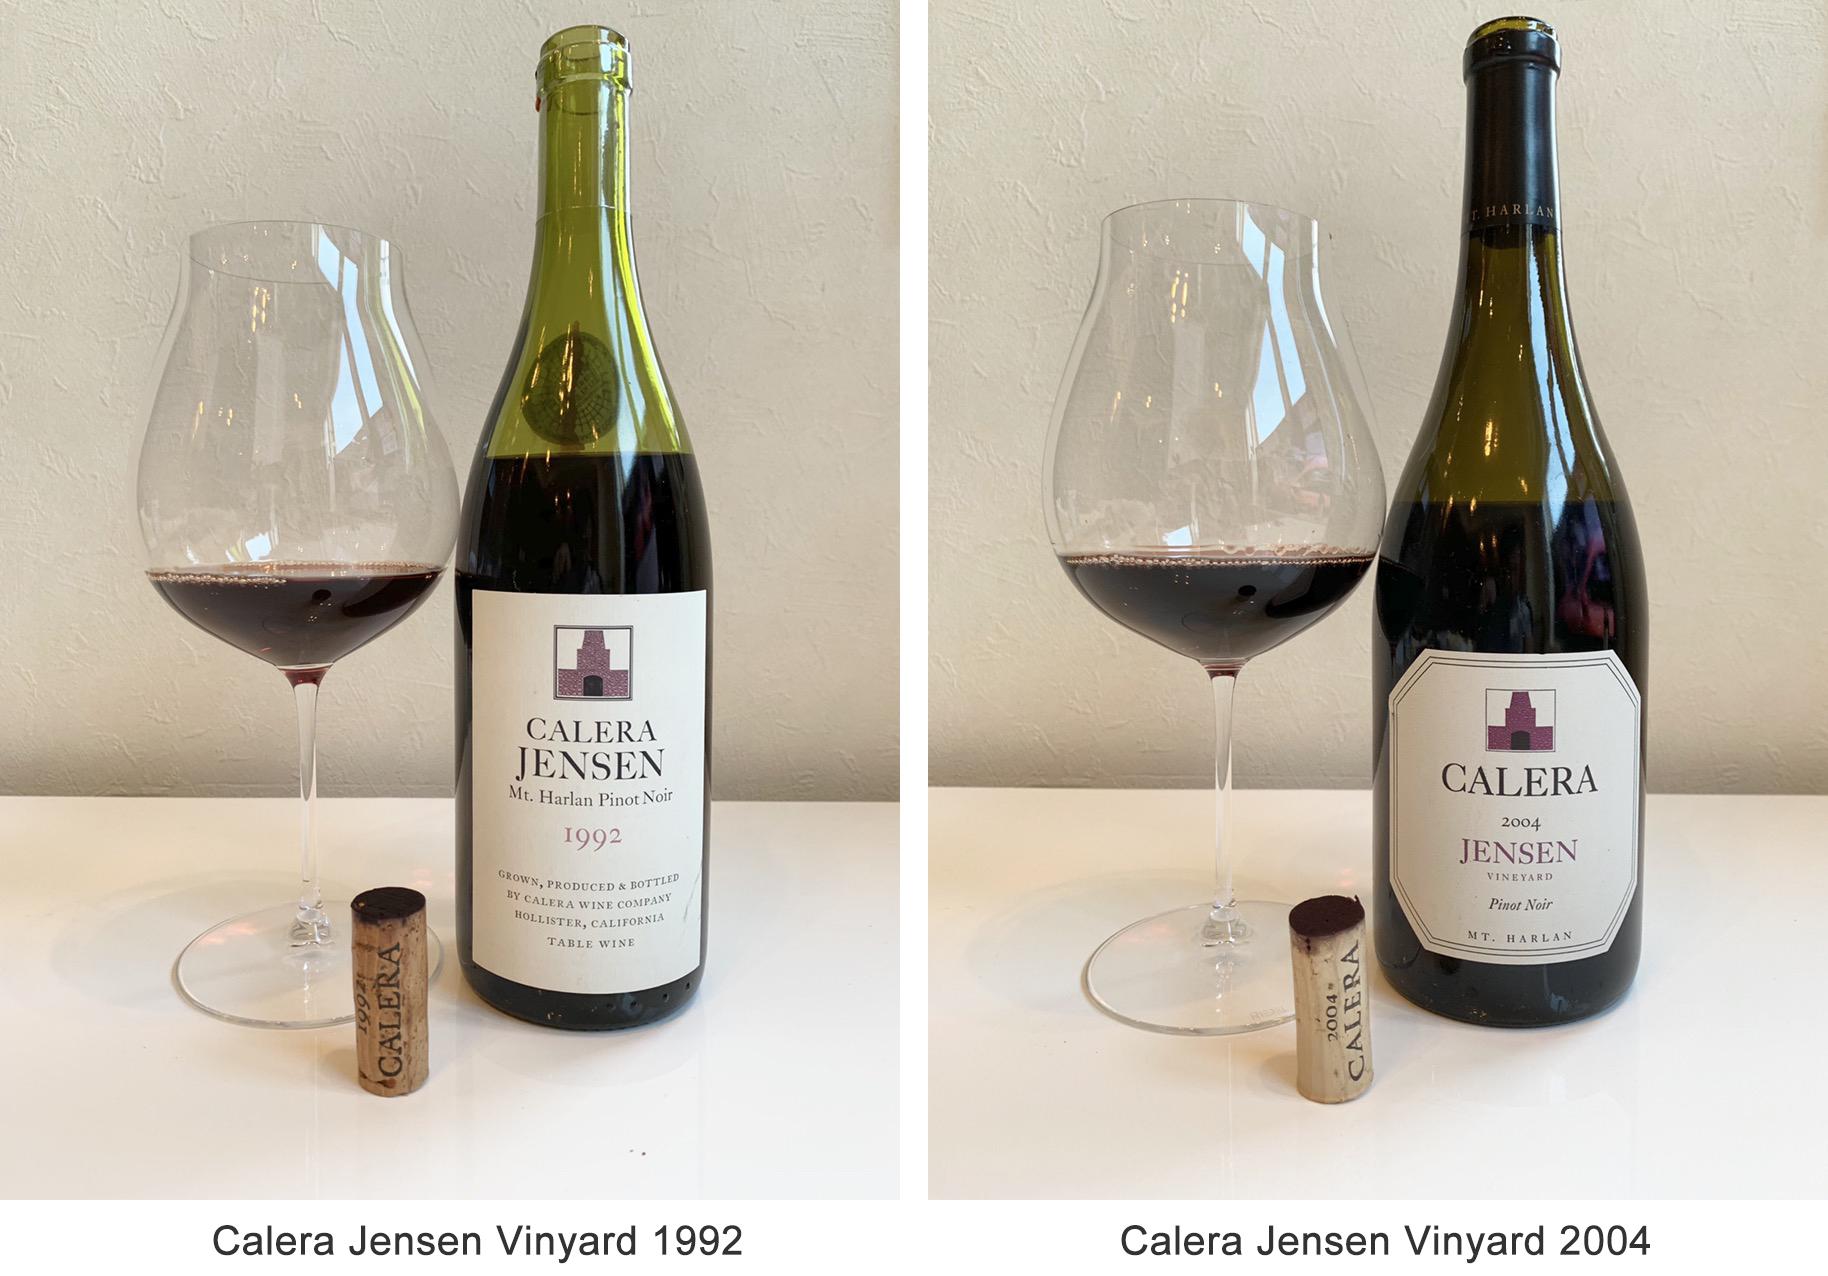 カレラ・ジェンセン・ヴィンヤード(Calera Jensen Vinyard) 1992と2004の飲み比べ